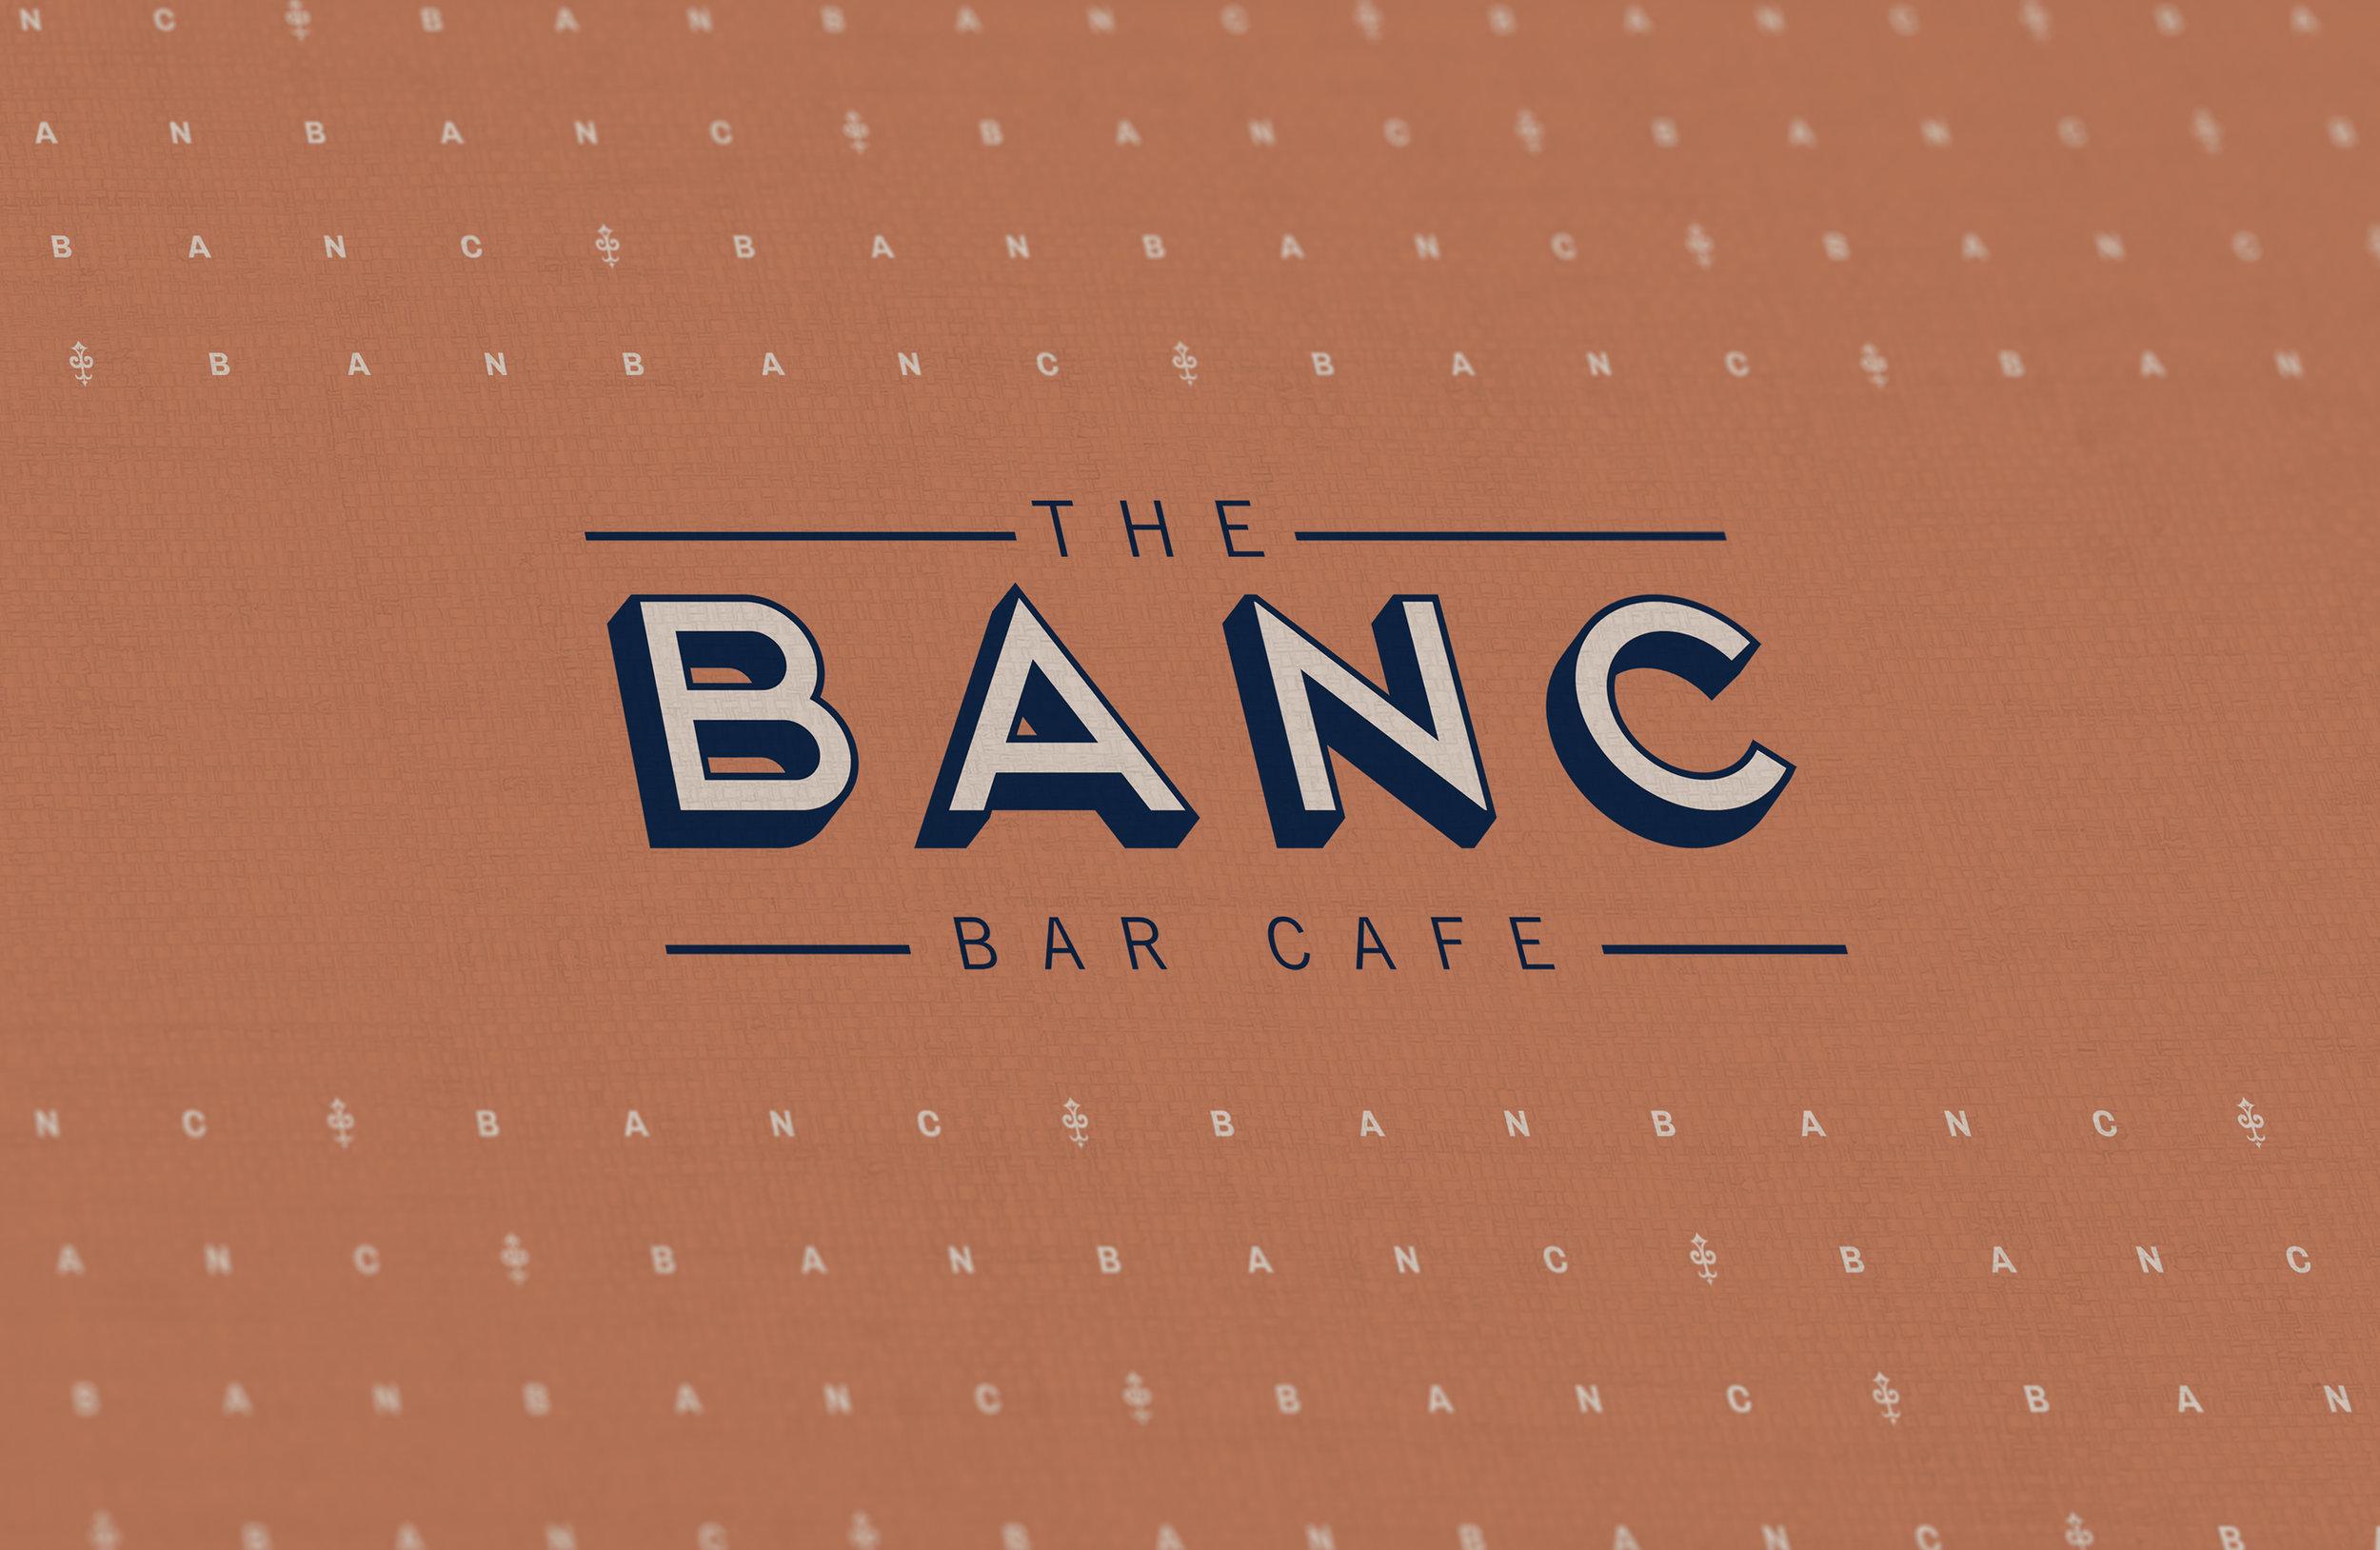 The Banc Cafe